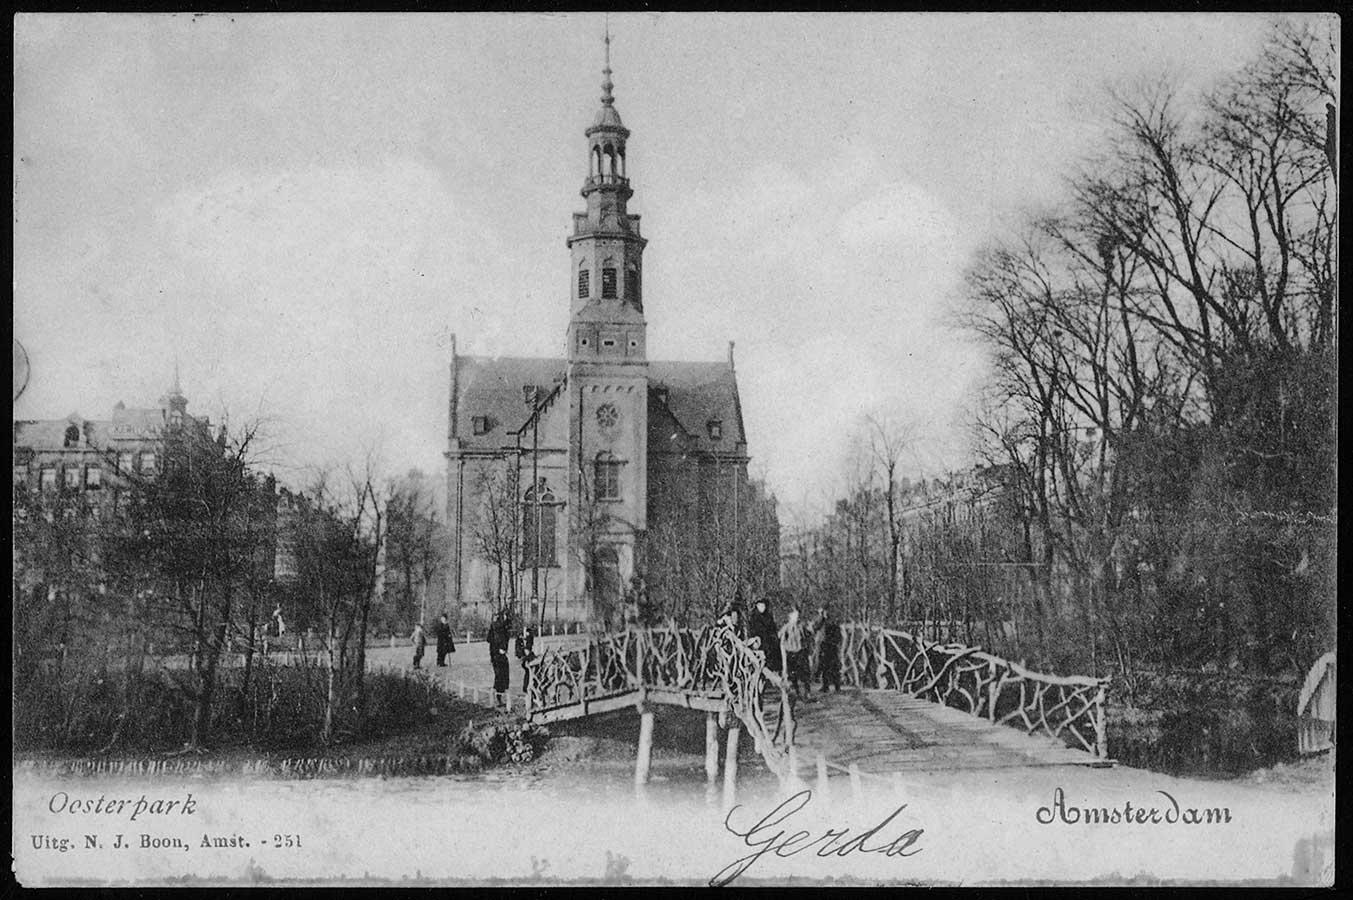 Houten bruggetje in Oosterpark met mensen die poseren, niet ver op de achtergrond de Muiderkerk